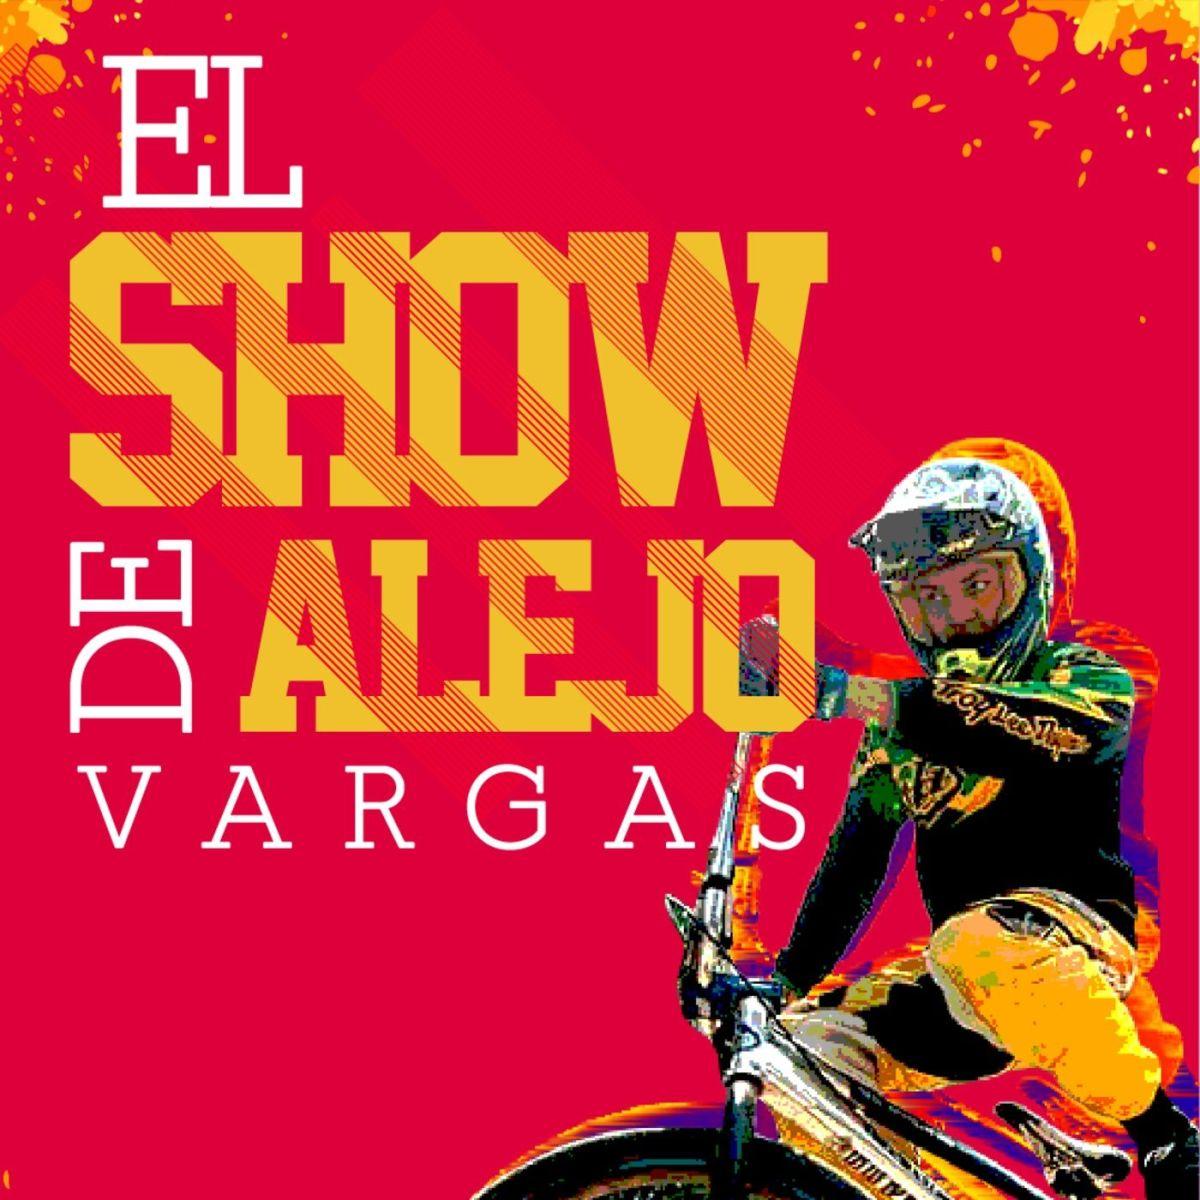 El Show de Alejo Vargas BMX Podcast.